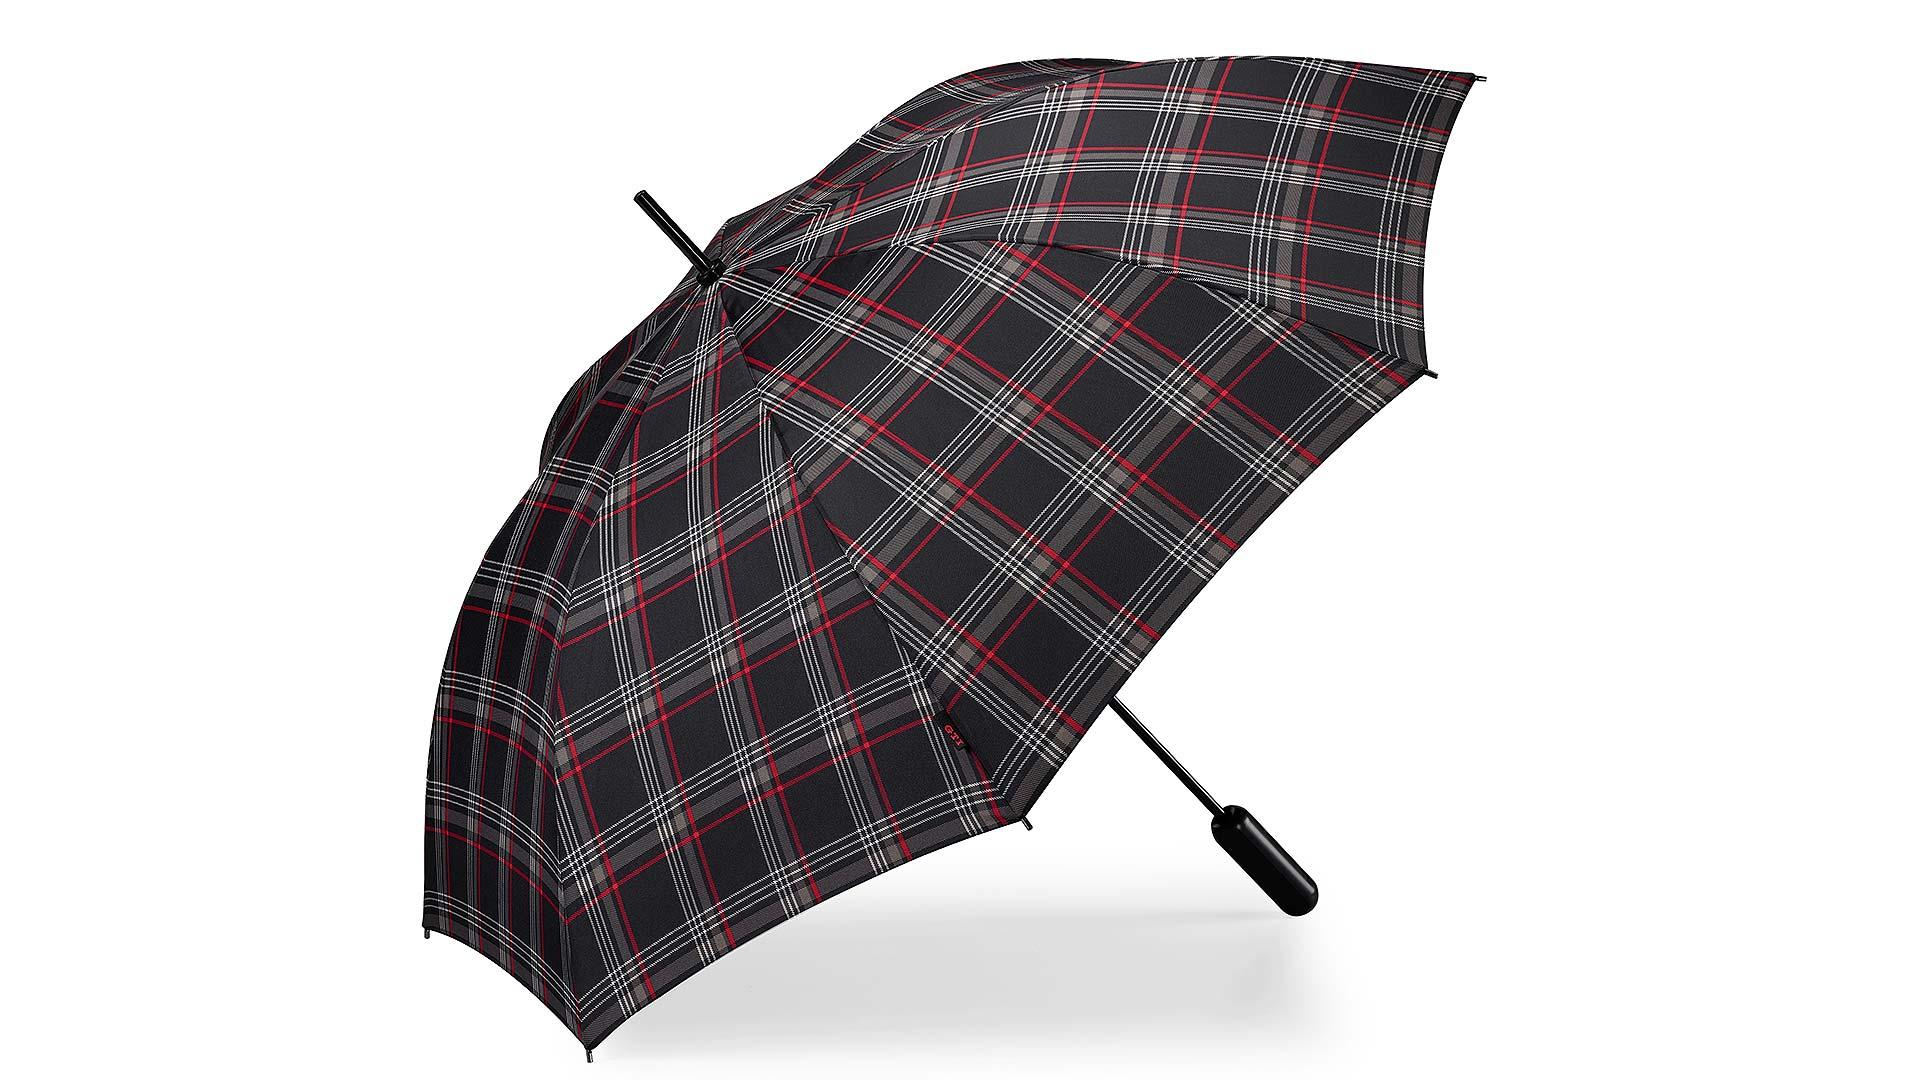 Volkswagen GTI umbrella